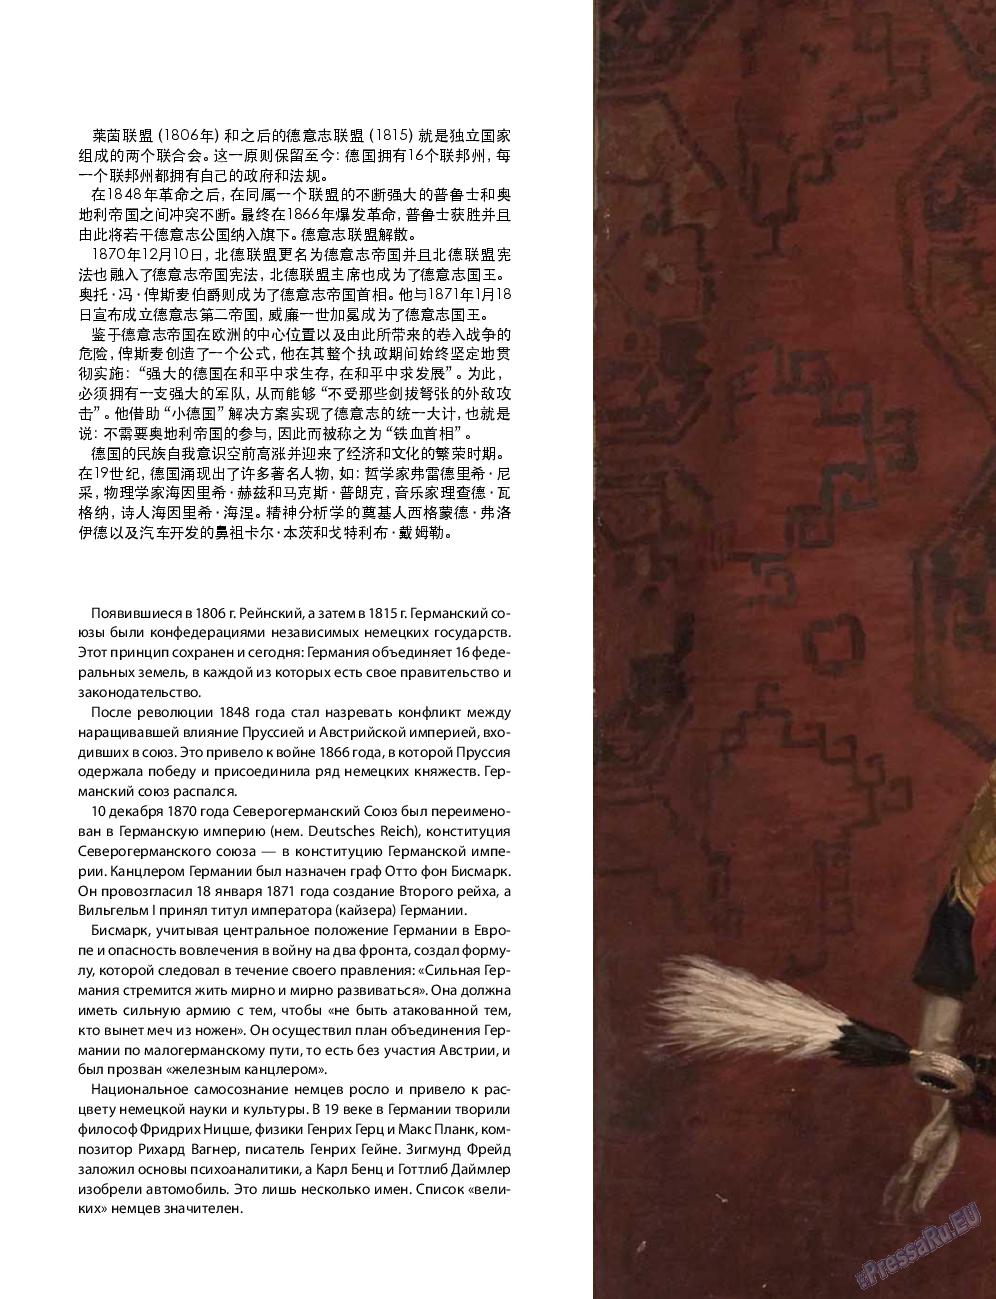 Клан (журнал). 2014 год, номер 7, стр. 42